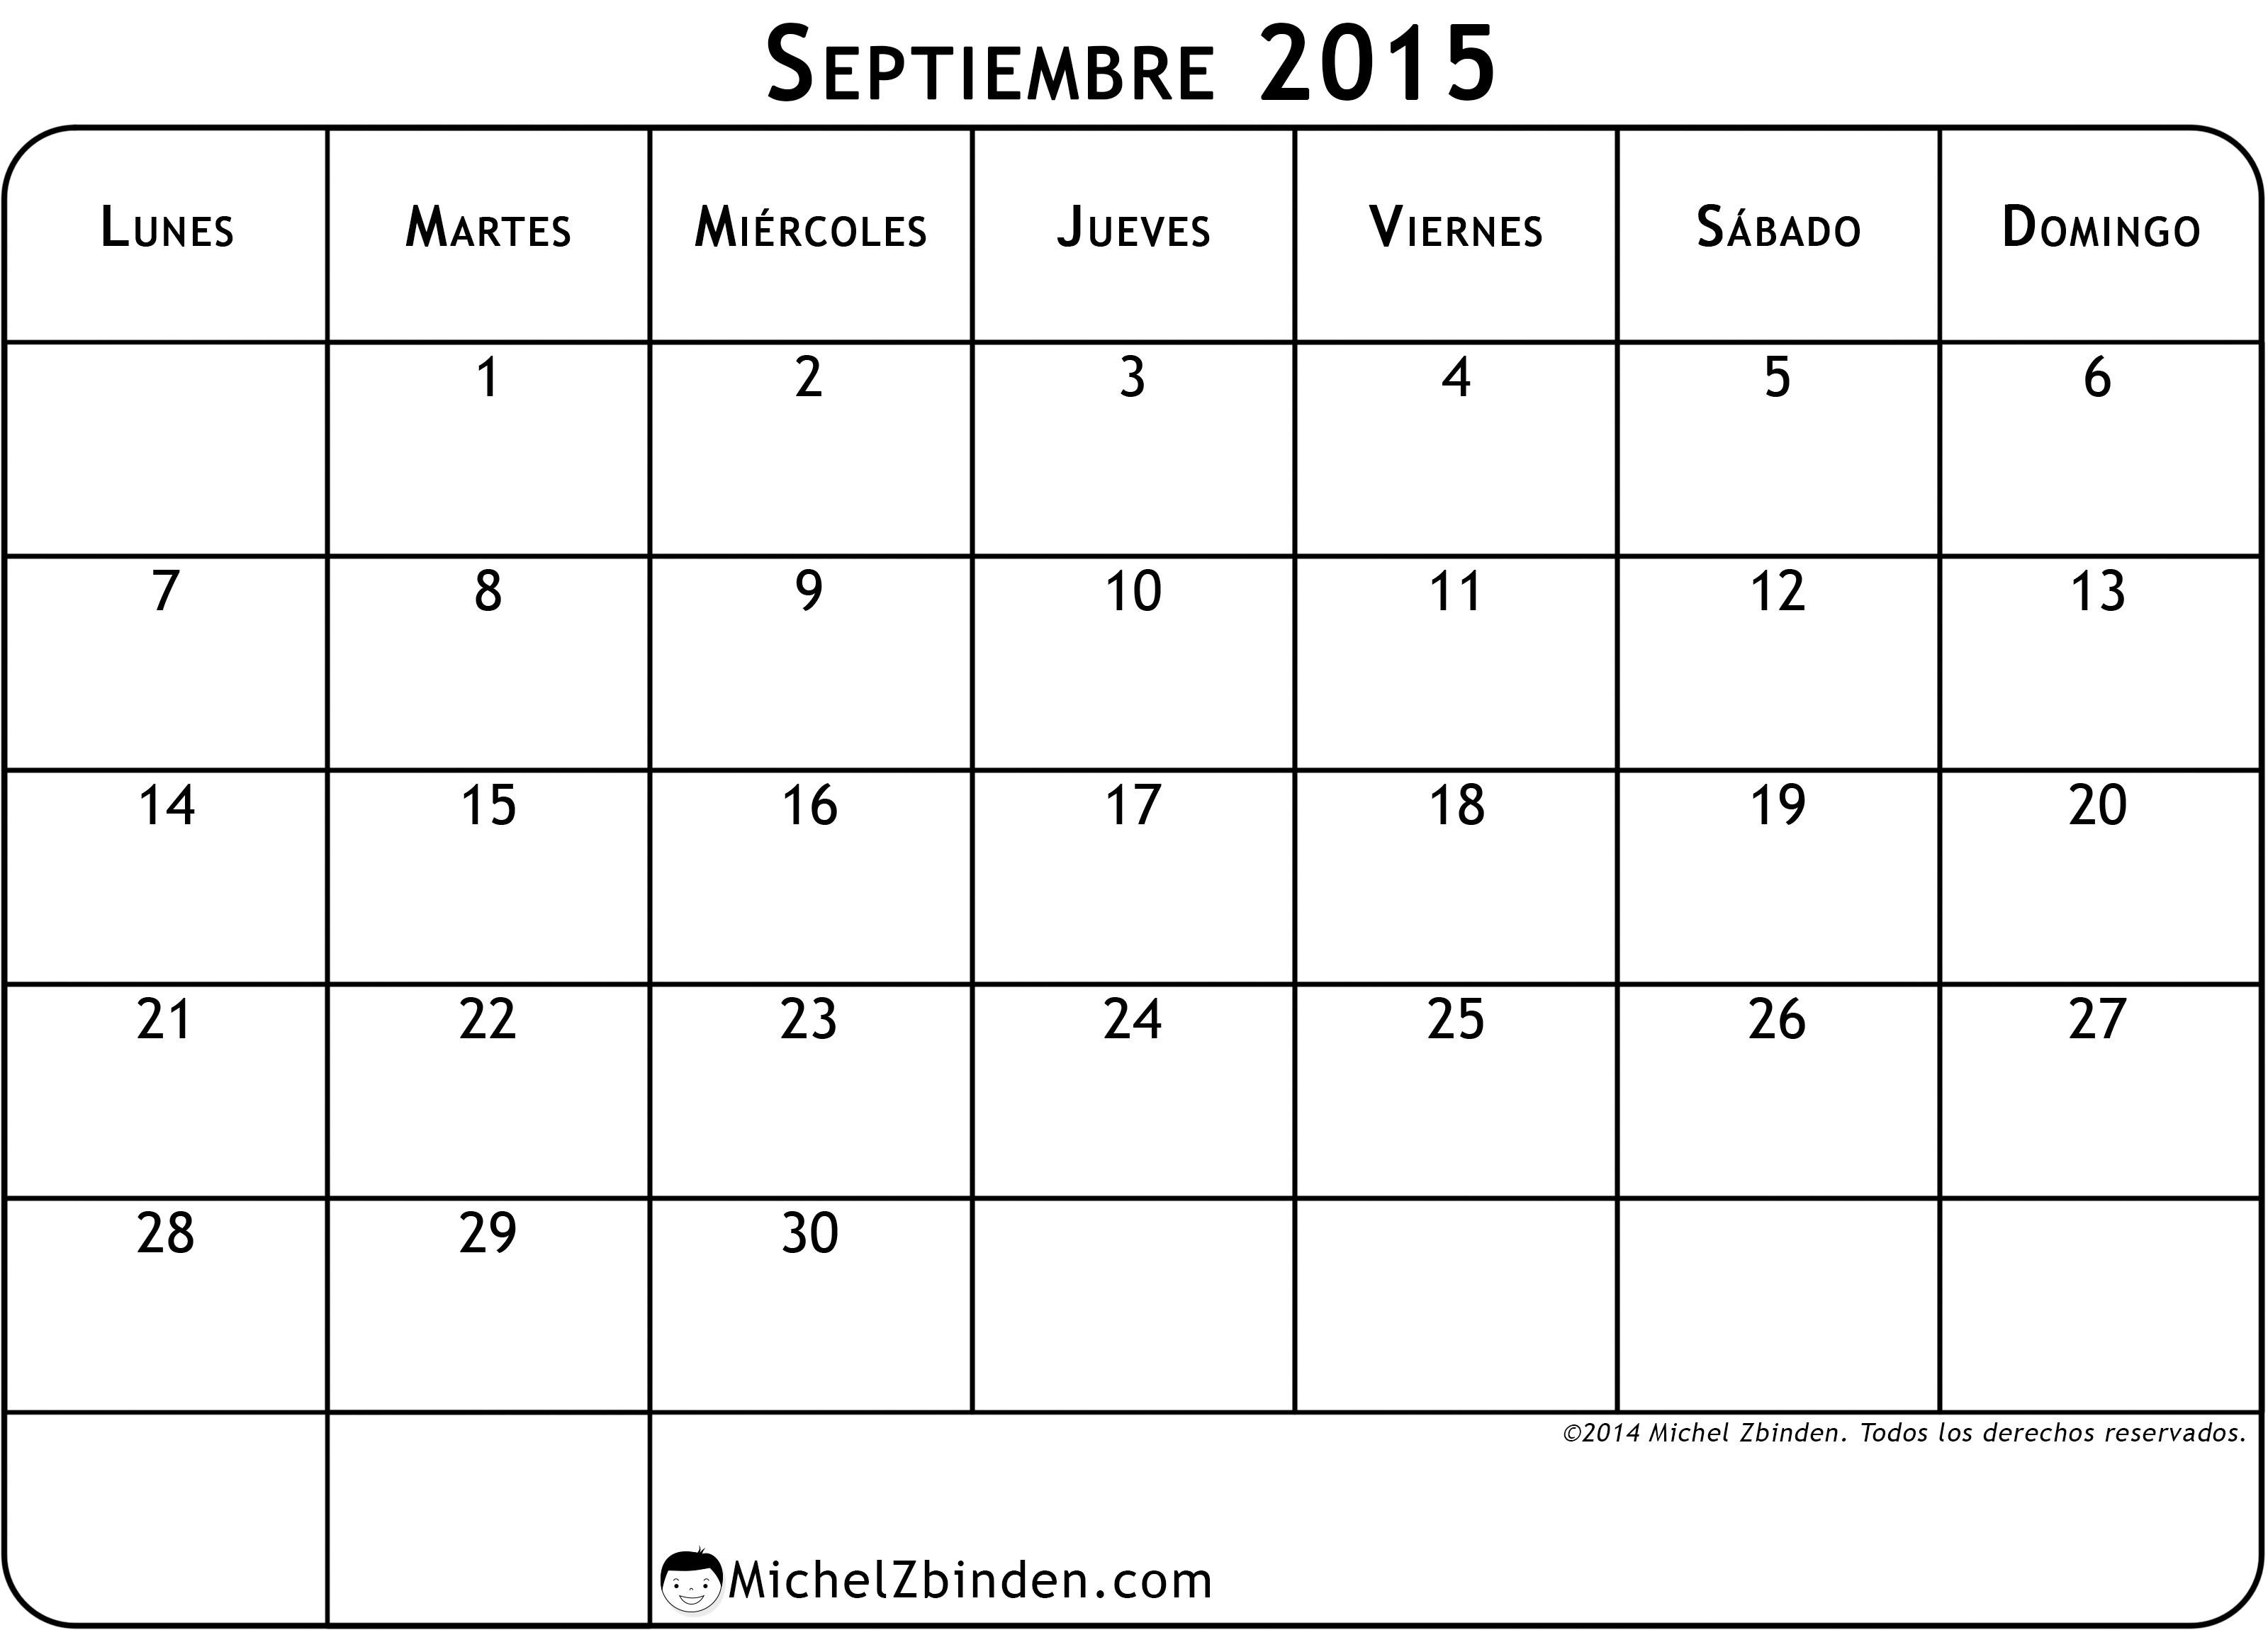 Calendario Para Imprimir Chile 2019 Más Populares Calendario Octubre 2015 Para Imprimir 2017 Vector Calendar In Of Calendario Para Imprimir Chile 2019 Más Reciente Holamormon3 Primaria Lds Sud 2018